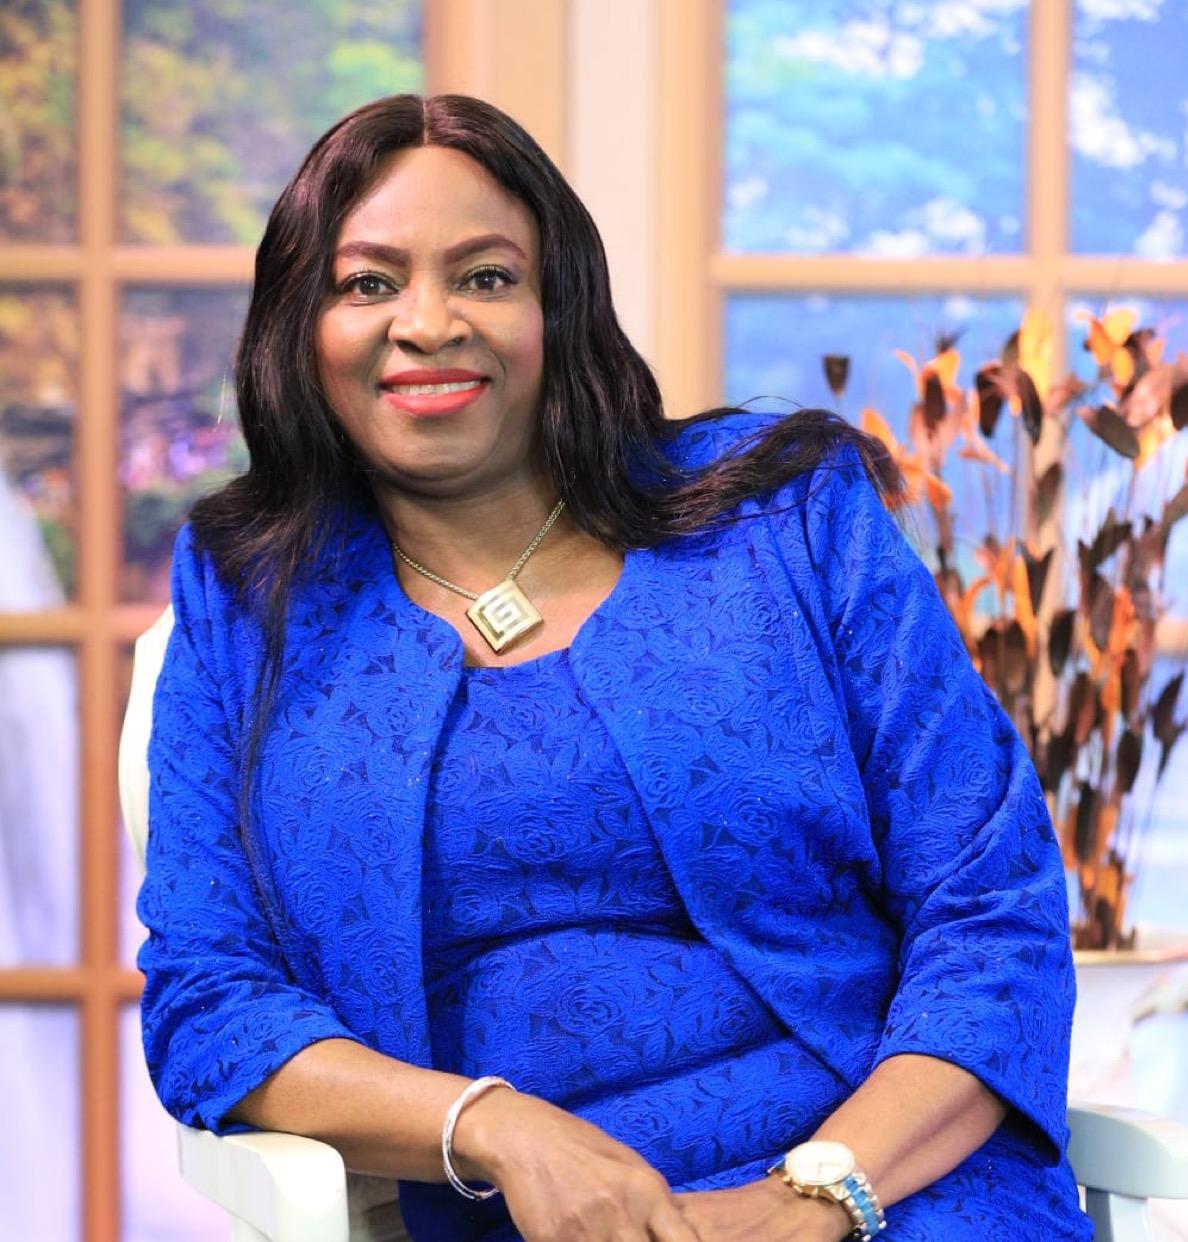 Happy birthday dearest Pastor Beauty,